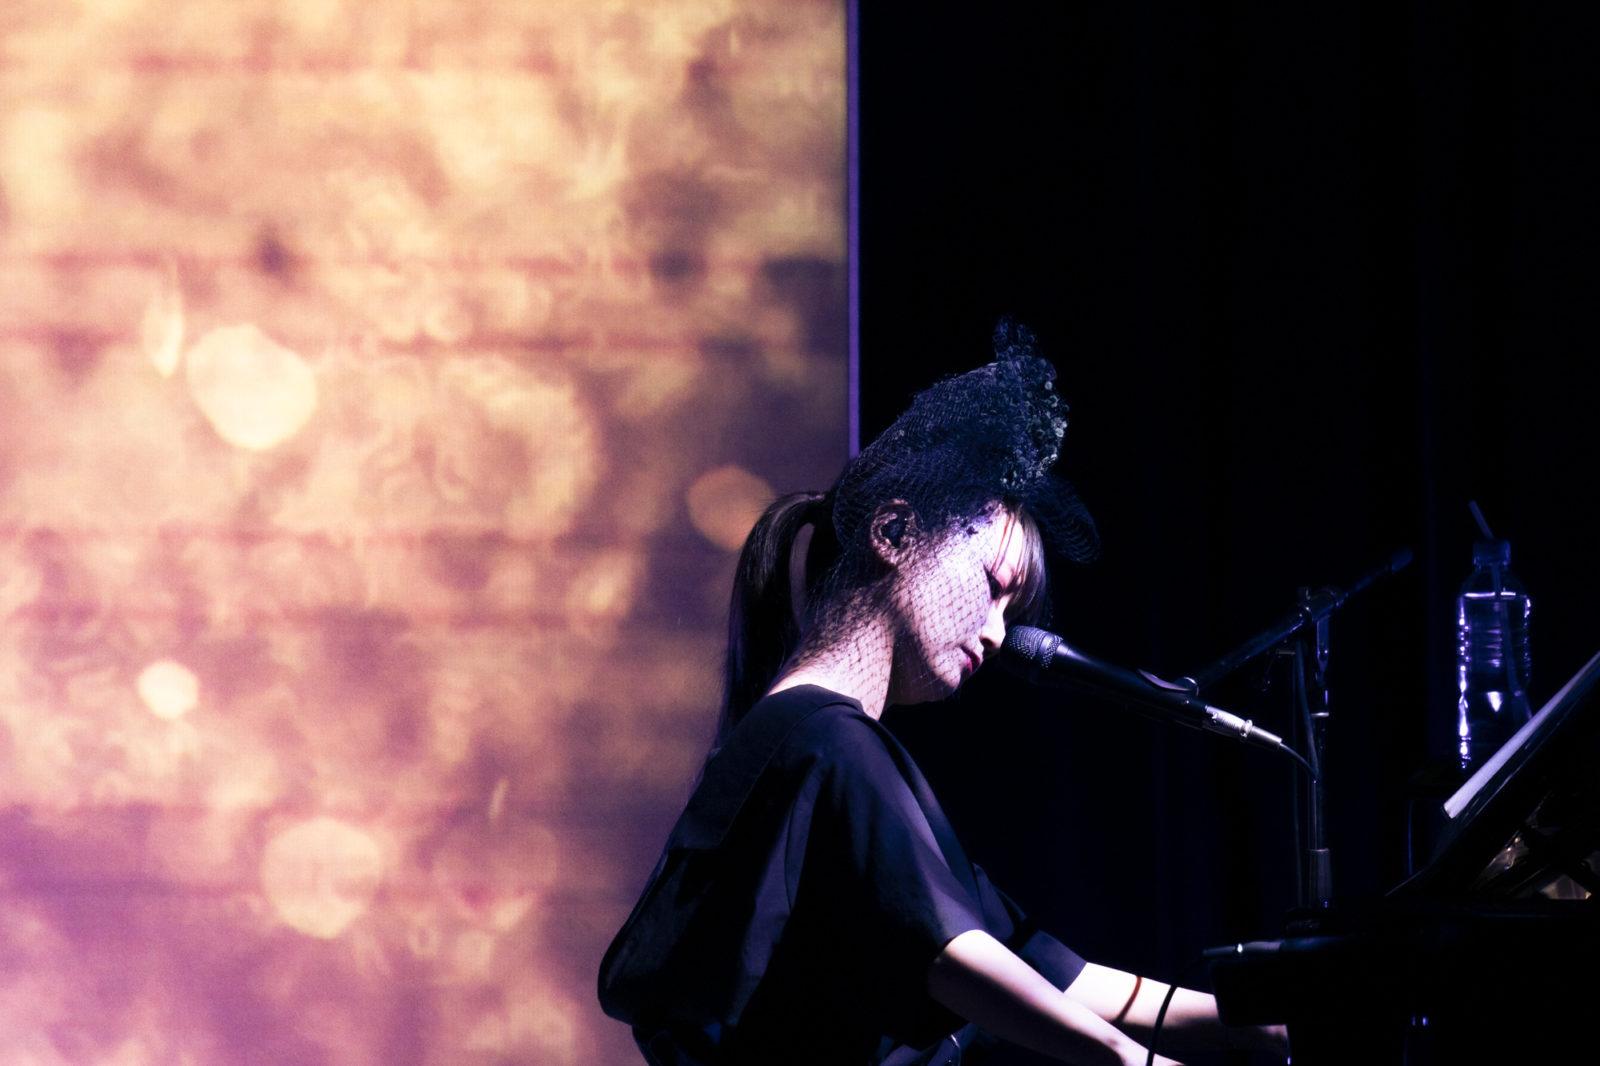 大塚 愛、自身初の楽譜付きピアノ弾き語りアルバム発売&収録曲全曲のライブ映像公開サムネイル画像!